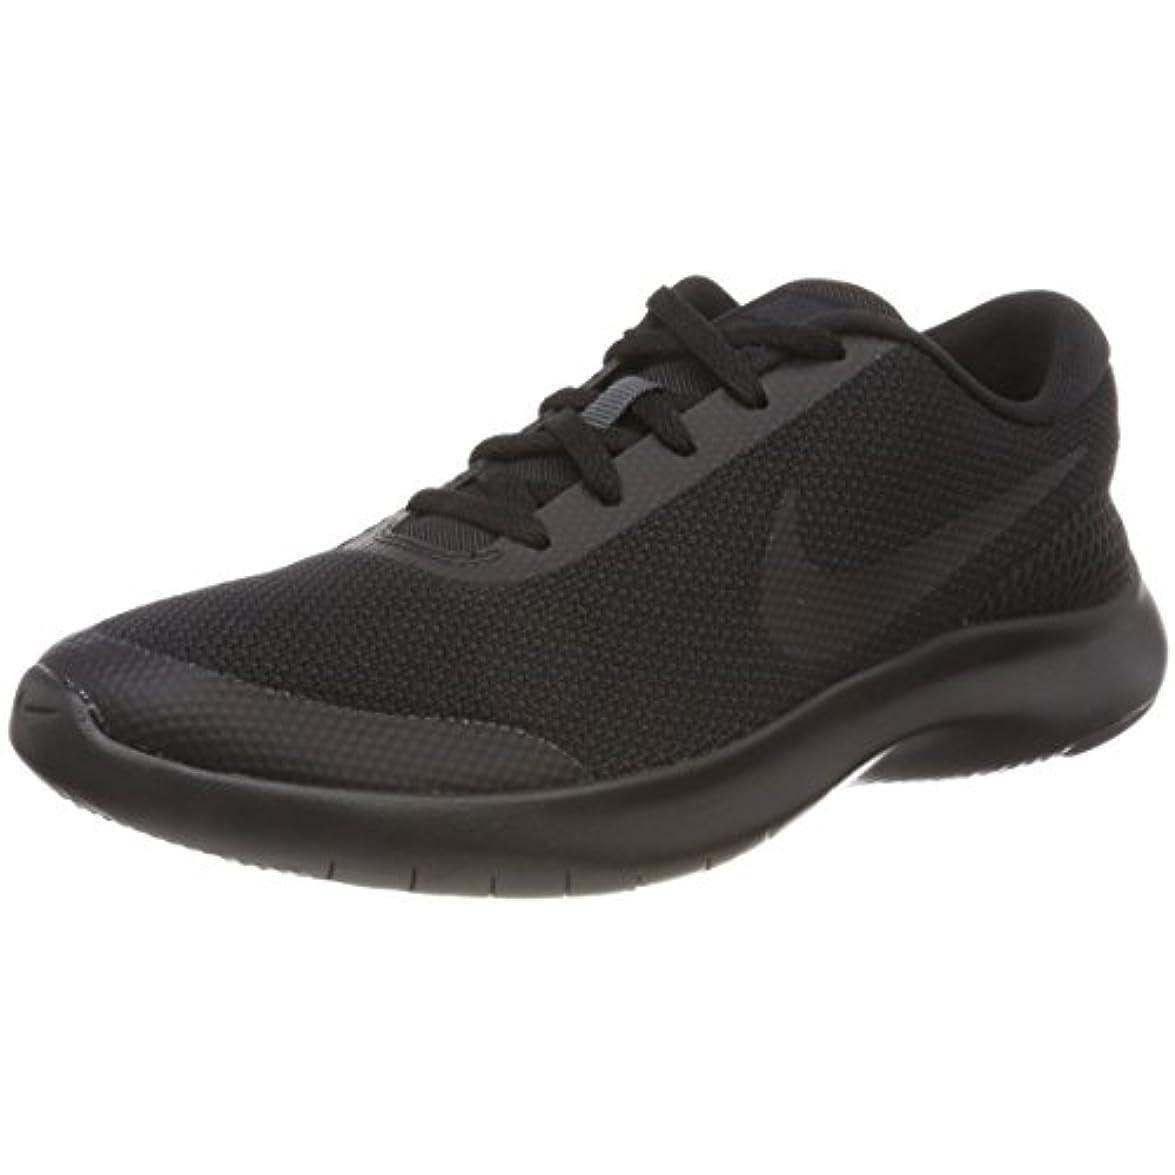 Nike W Flex Experience Rn 7 Scarpe Da Ginnastica Basse Donna